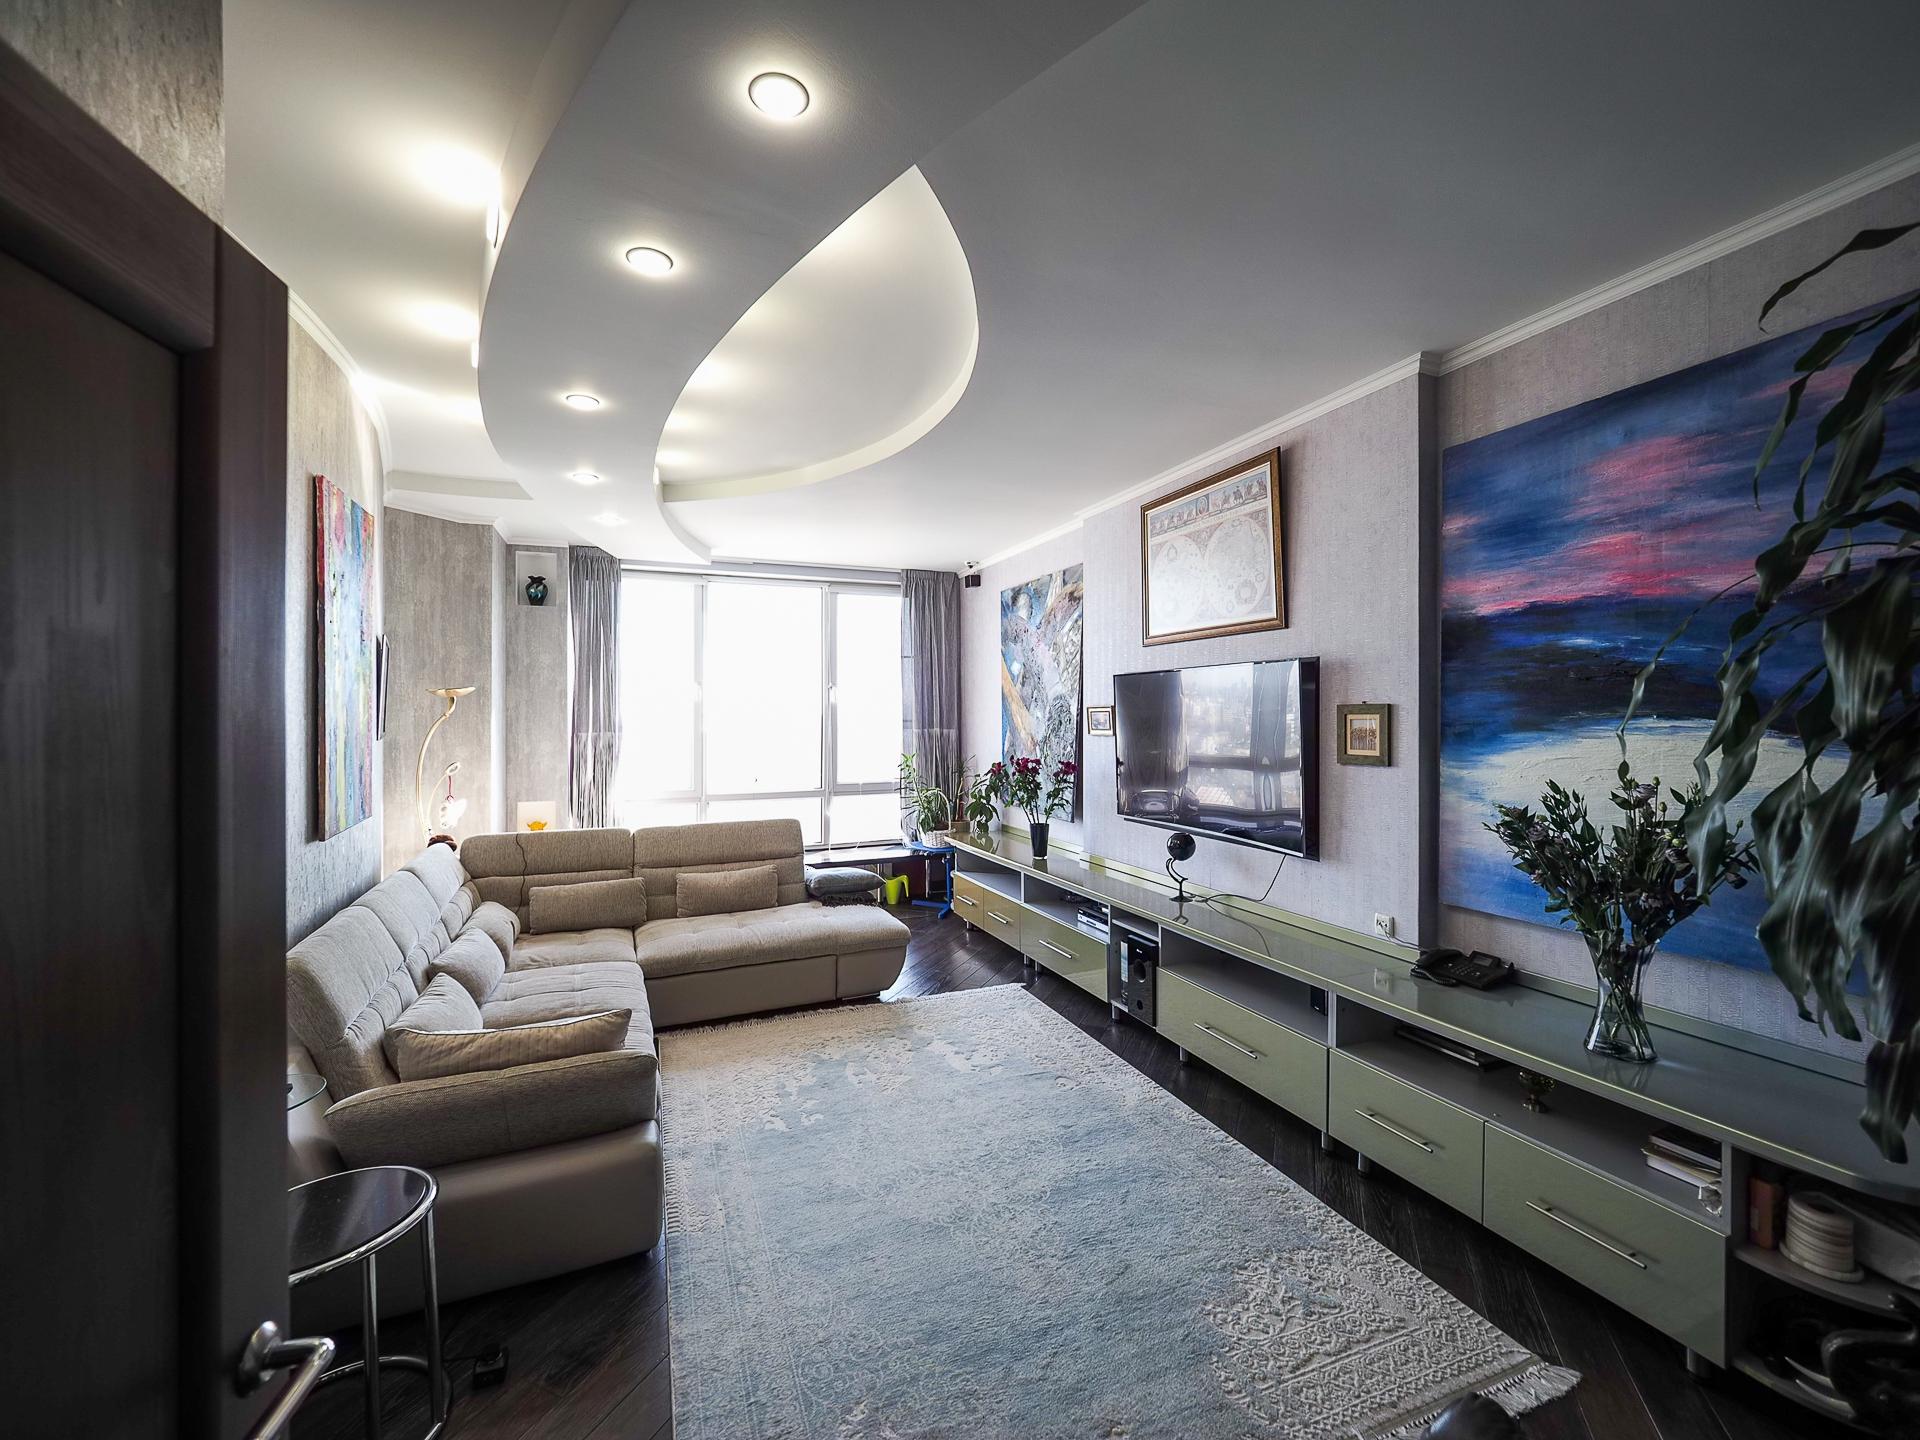 видовая квартира 22 этаж 100 Кв м 1